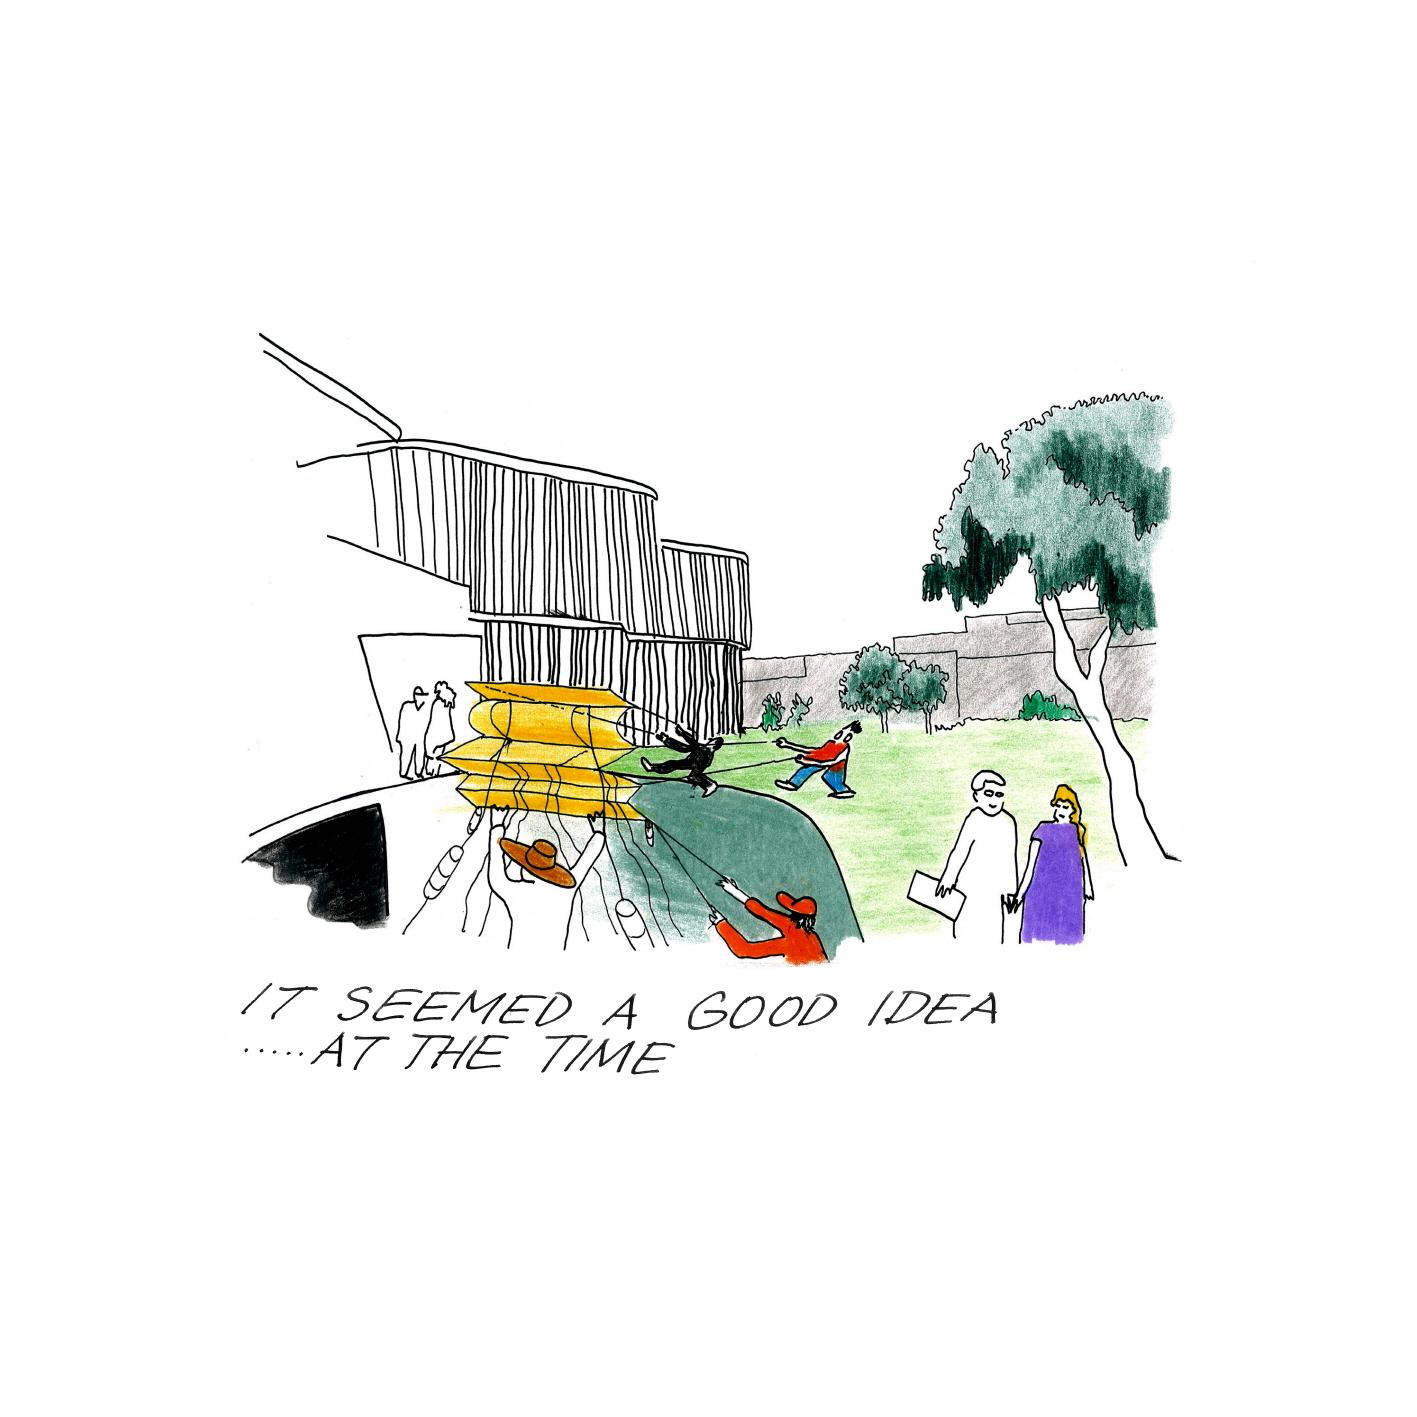 〔안정원의 디자인 칼럼〕 바람의 순환 관계와 햇볕의 열기를 고려한 창의적인 학교 공간 3.